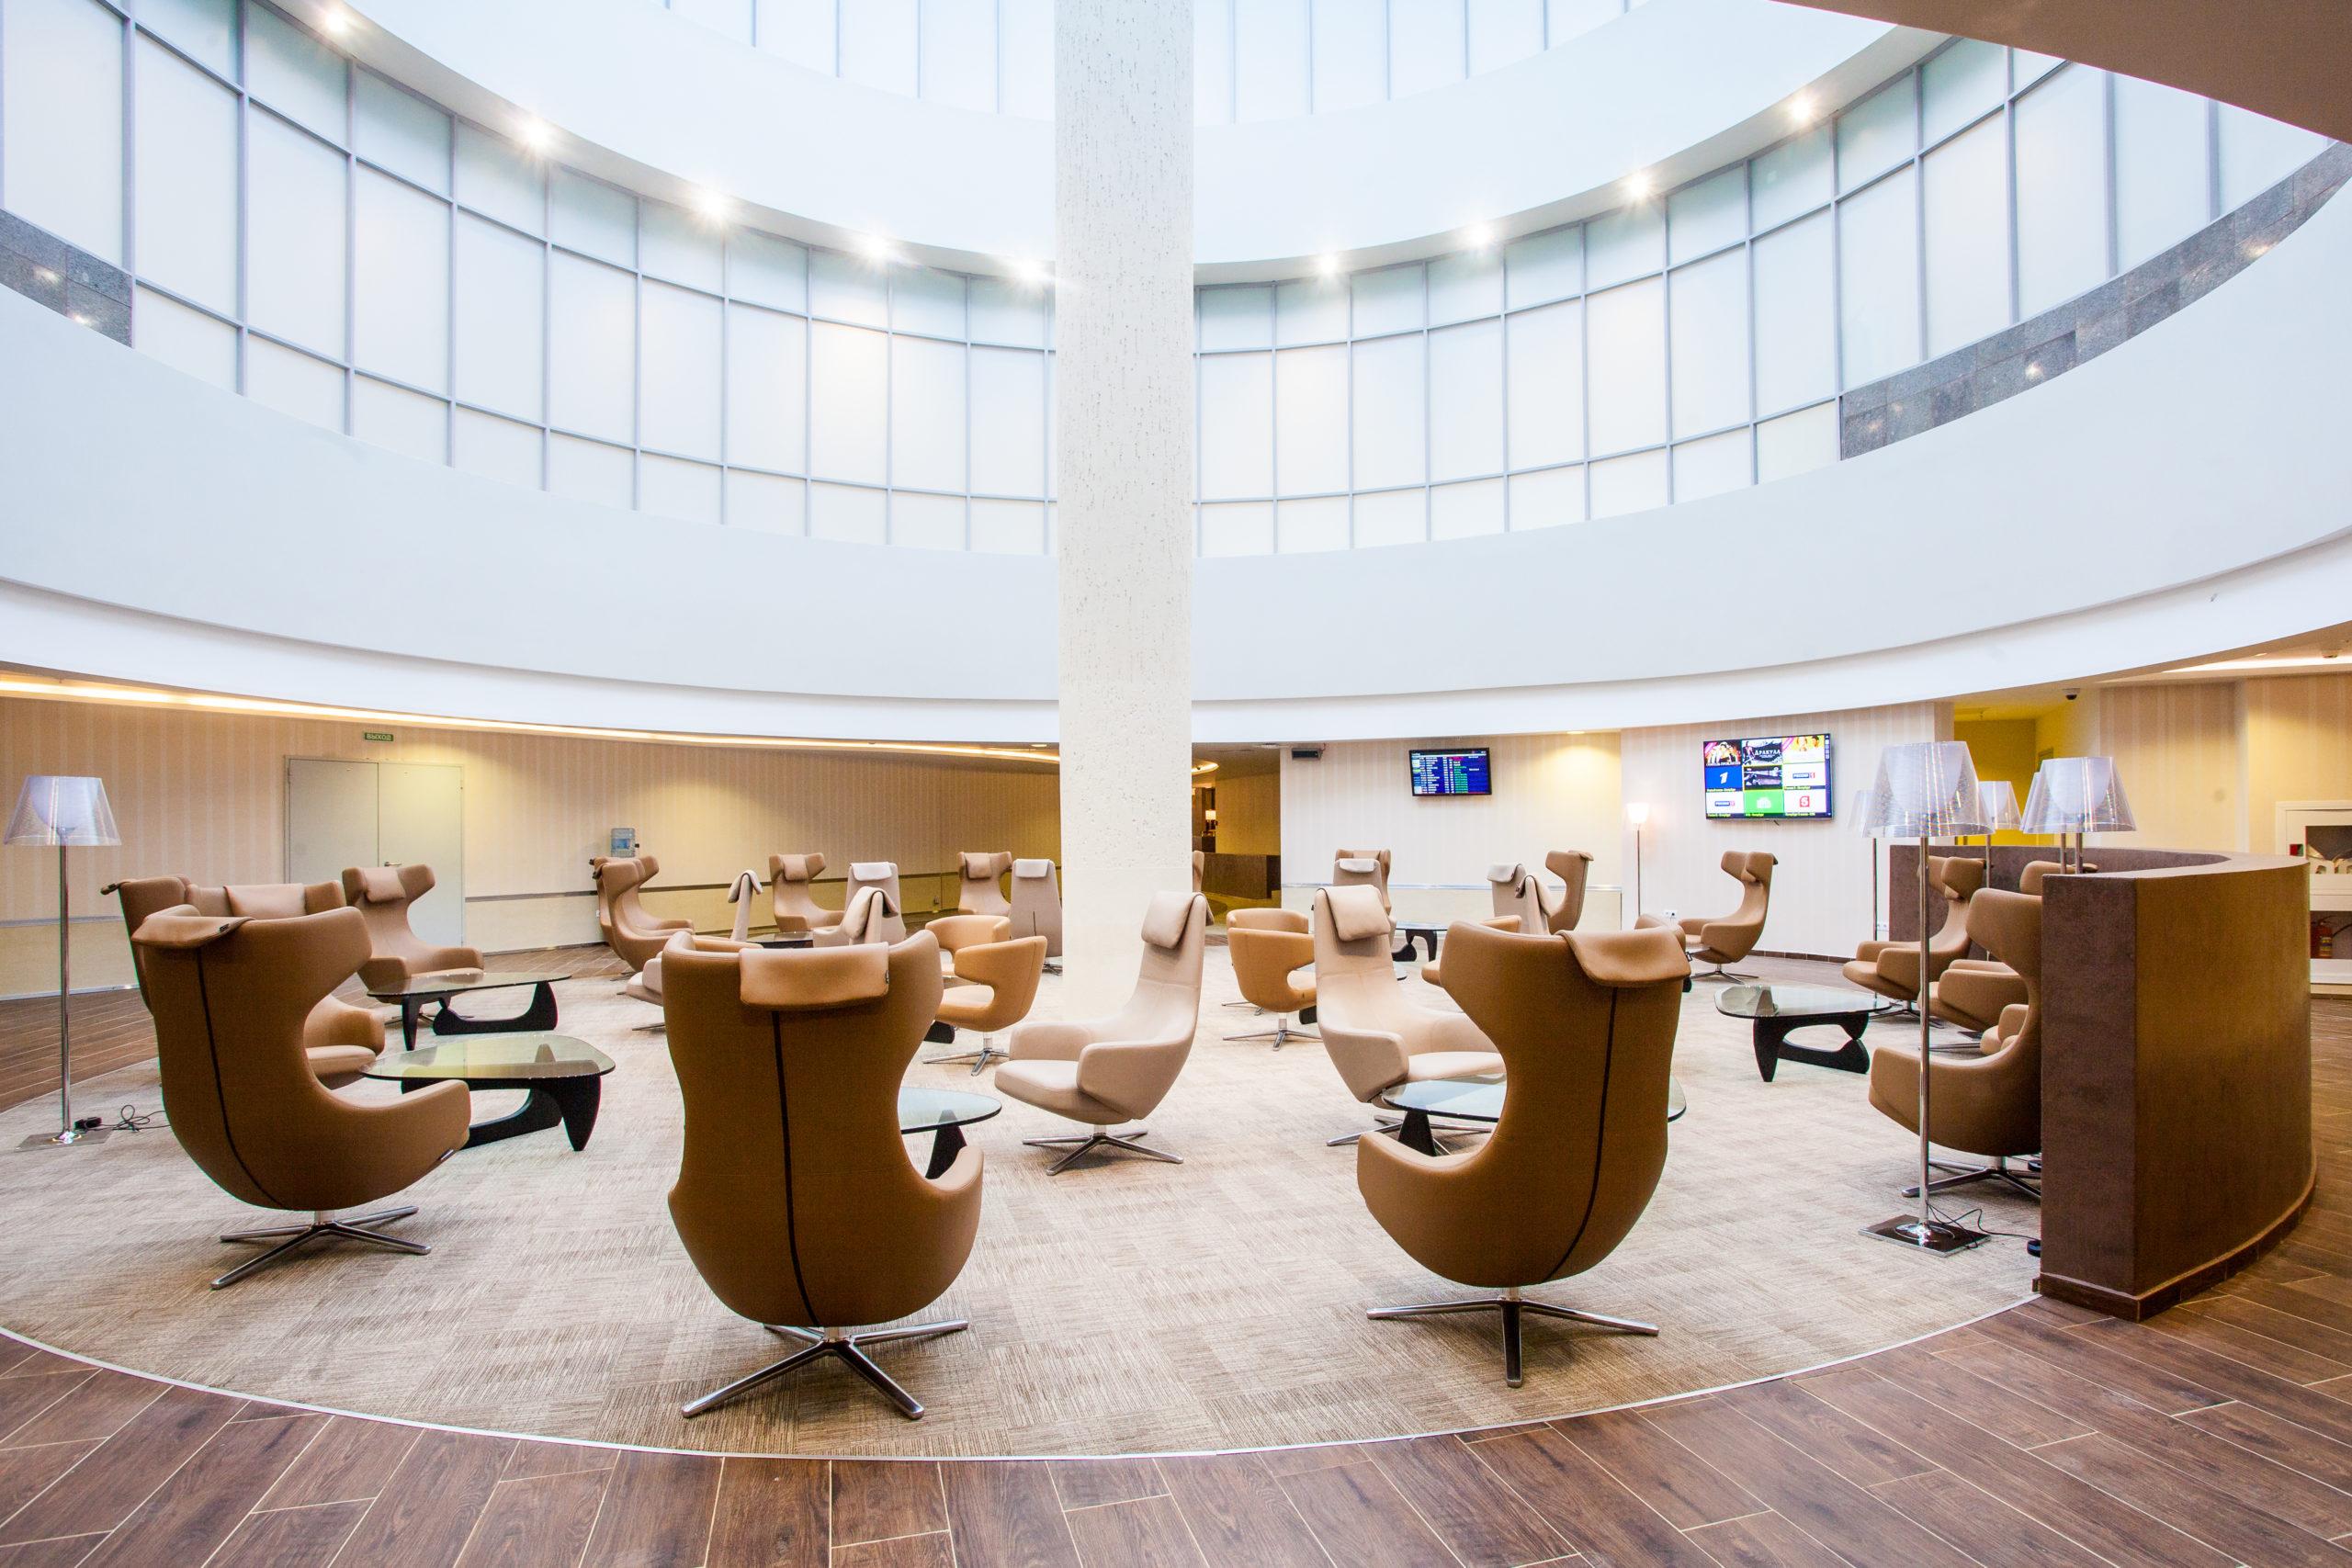 Как попасть в бизнес зал аэропорта бесплатно?